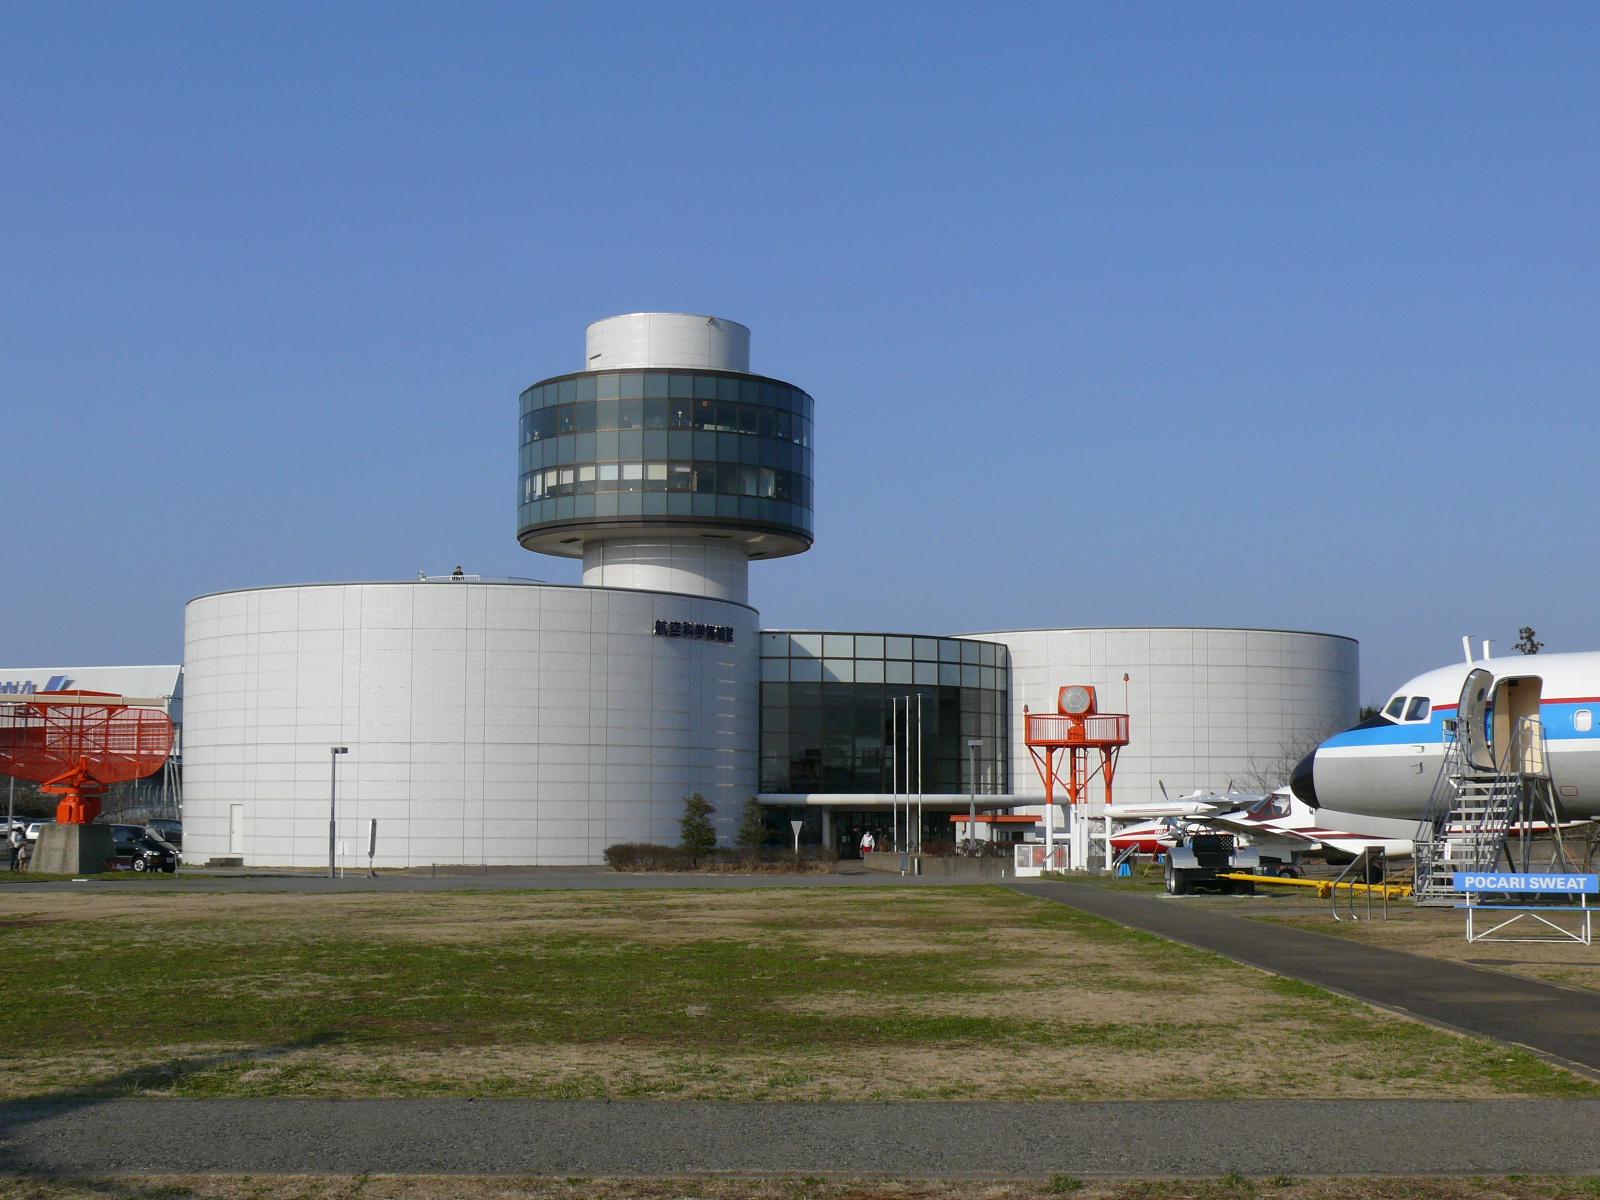 博物館千葉航空博物館の画像